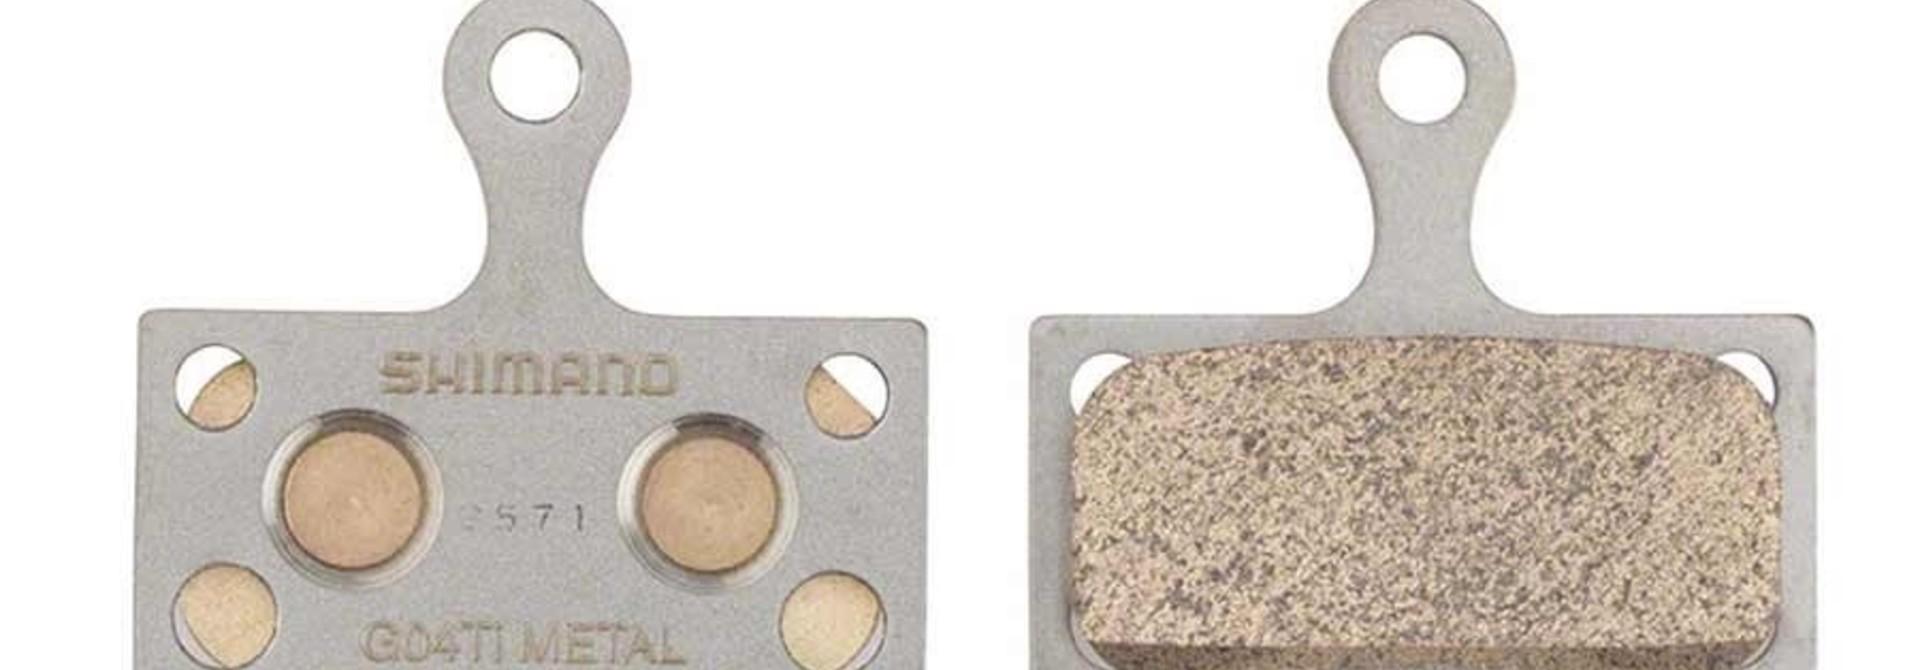 Shimano, BR-M9000, G04TI, Disc brake pads, Metal, Without fins, Pair, F type, 2-piston